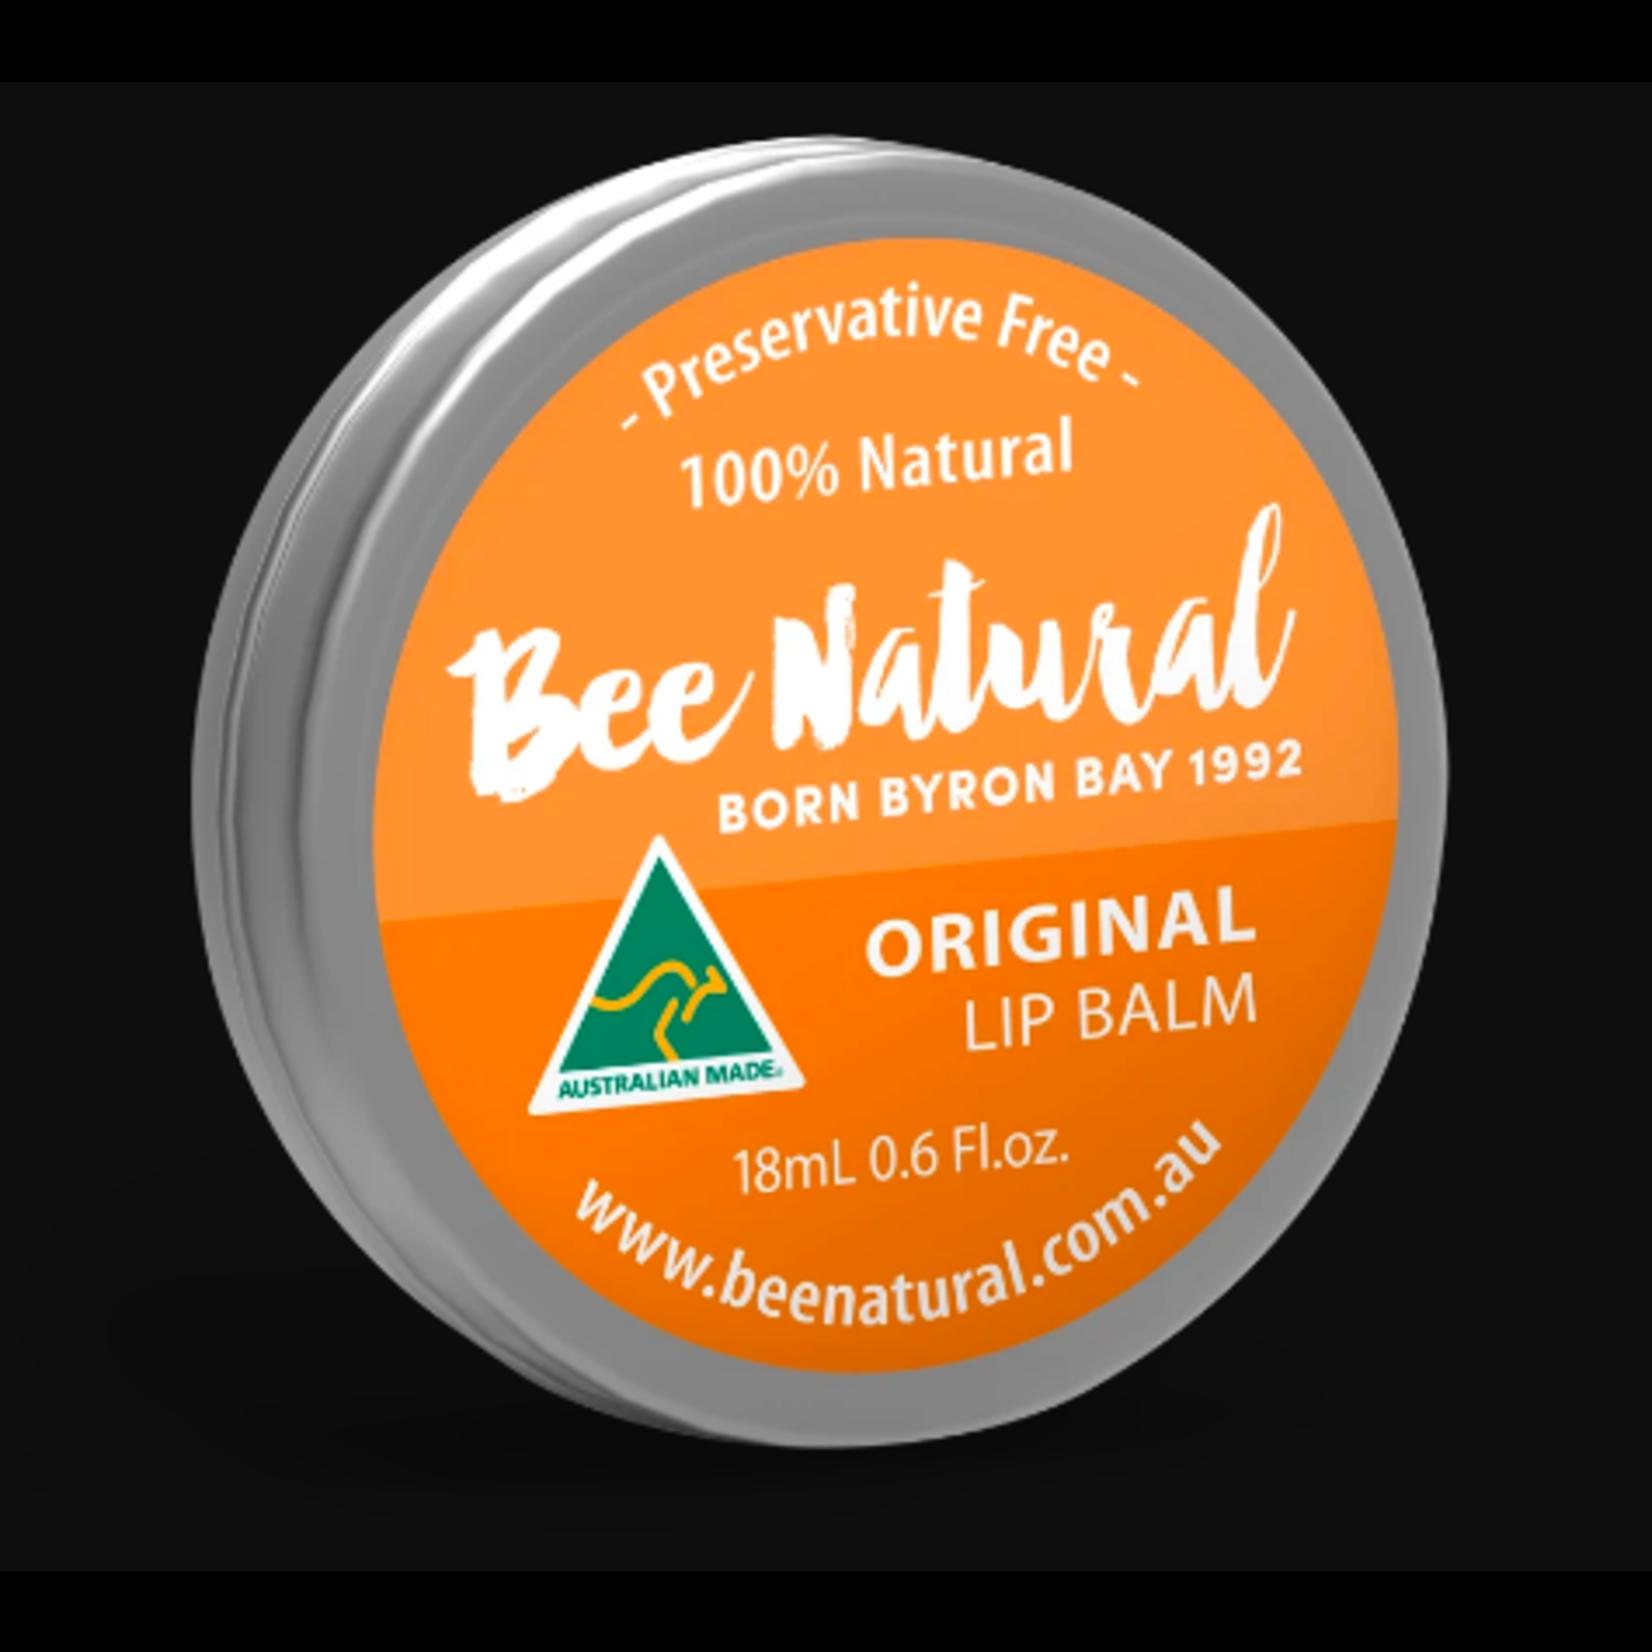 Bee Natural Bee Natural Lip Balm Tin - Original